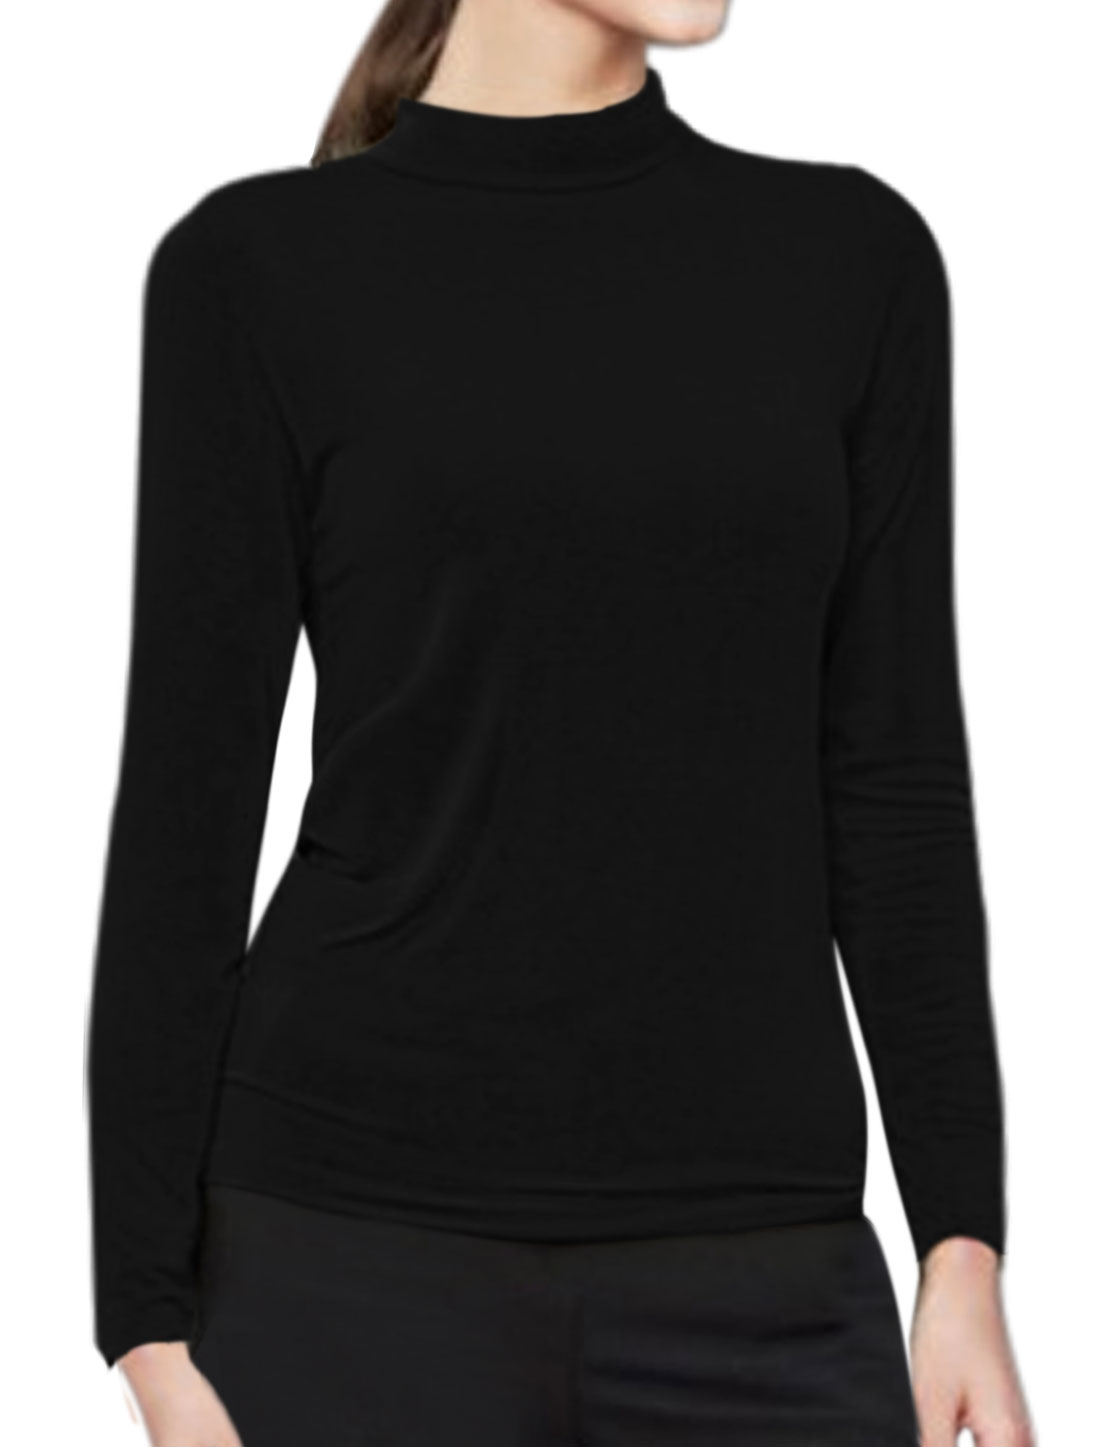 Ladies Mock Neck Long Sleeves Slim Fit Tee Shirt Black M